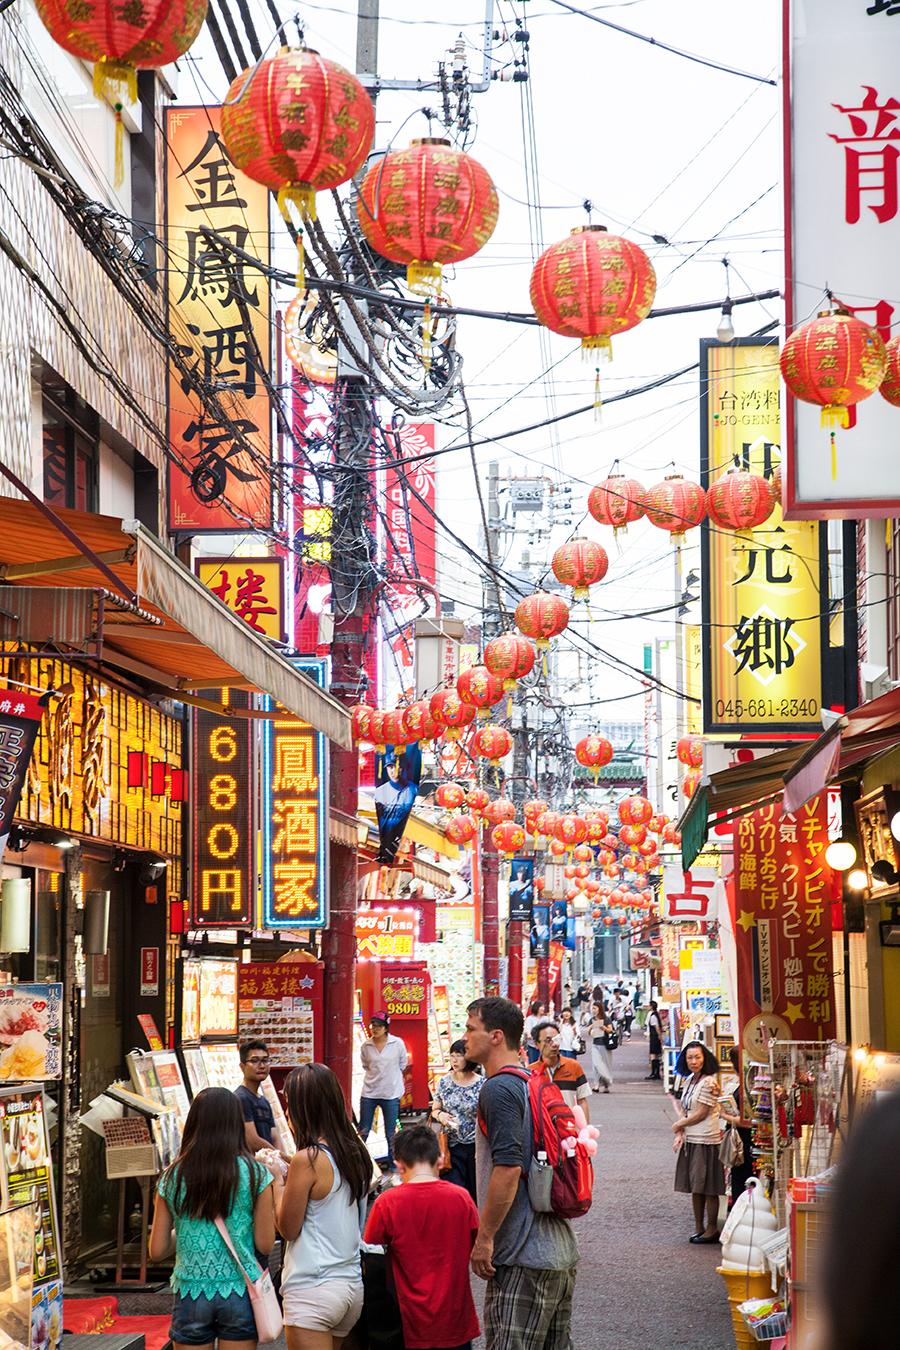 chinatown tokyo